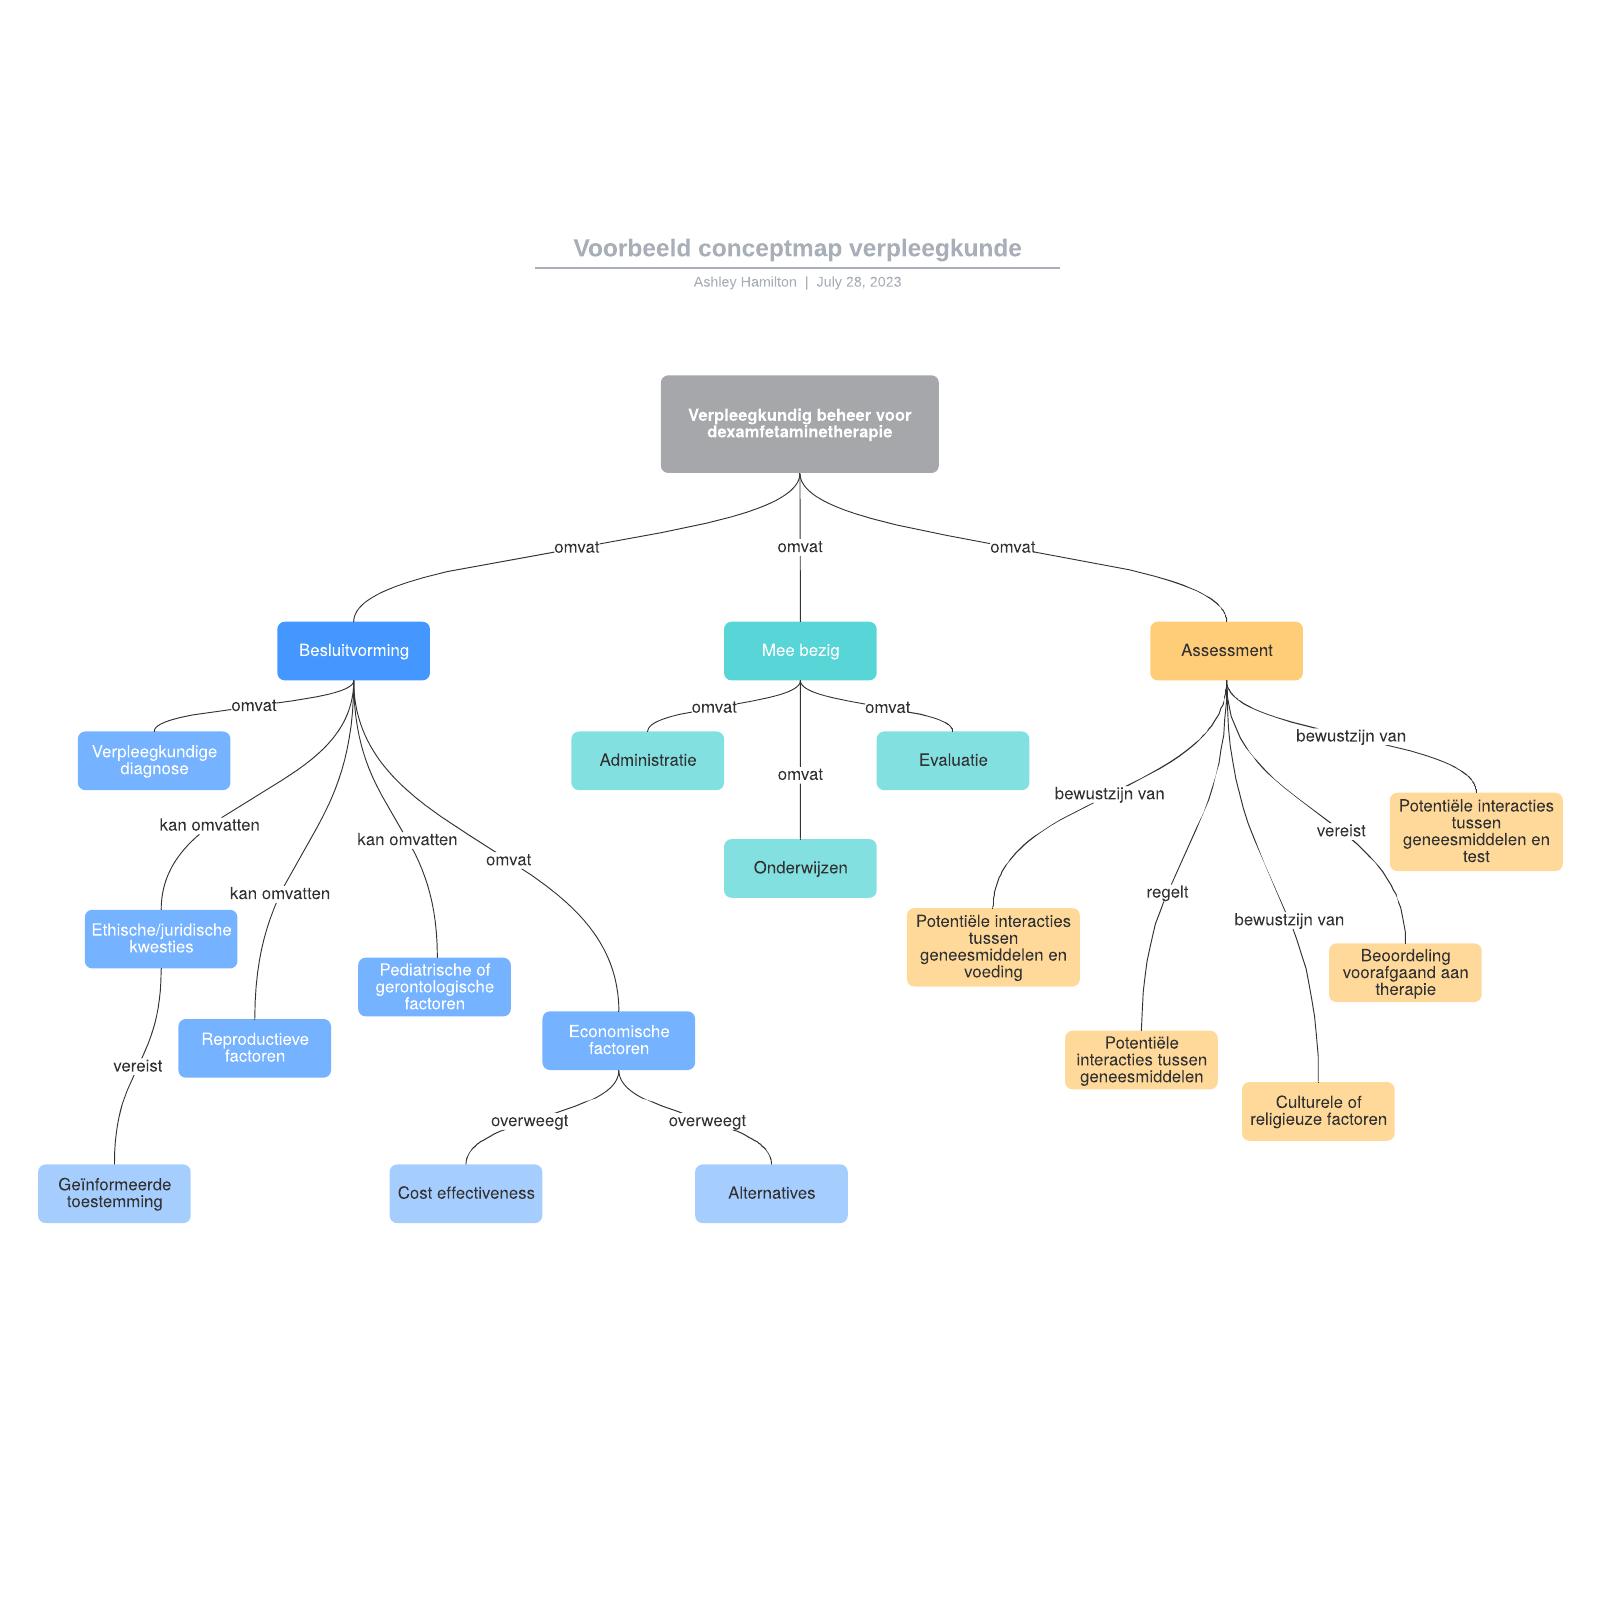 Voorbeeld conceptmap verpleegkunde